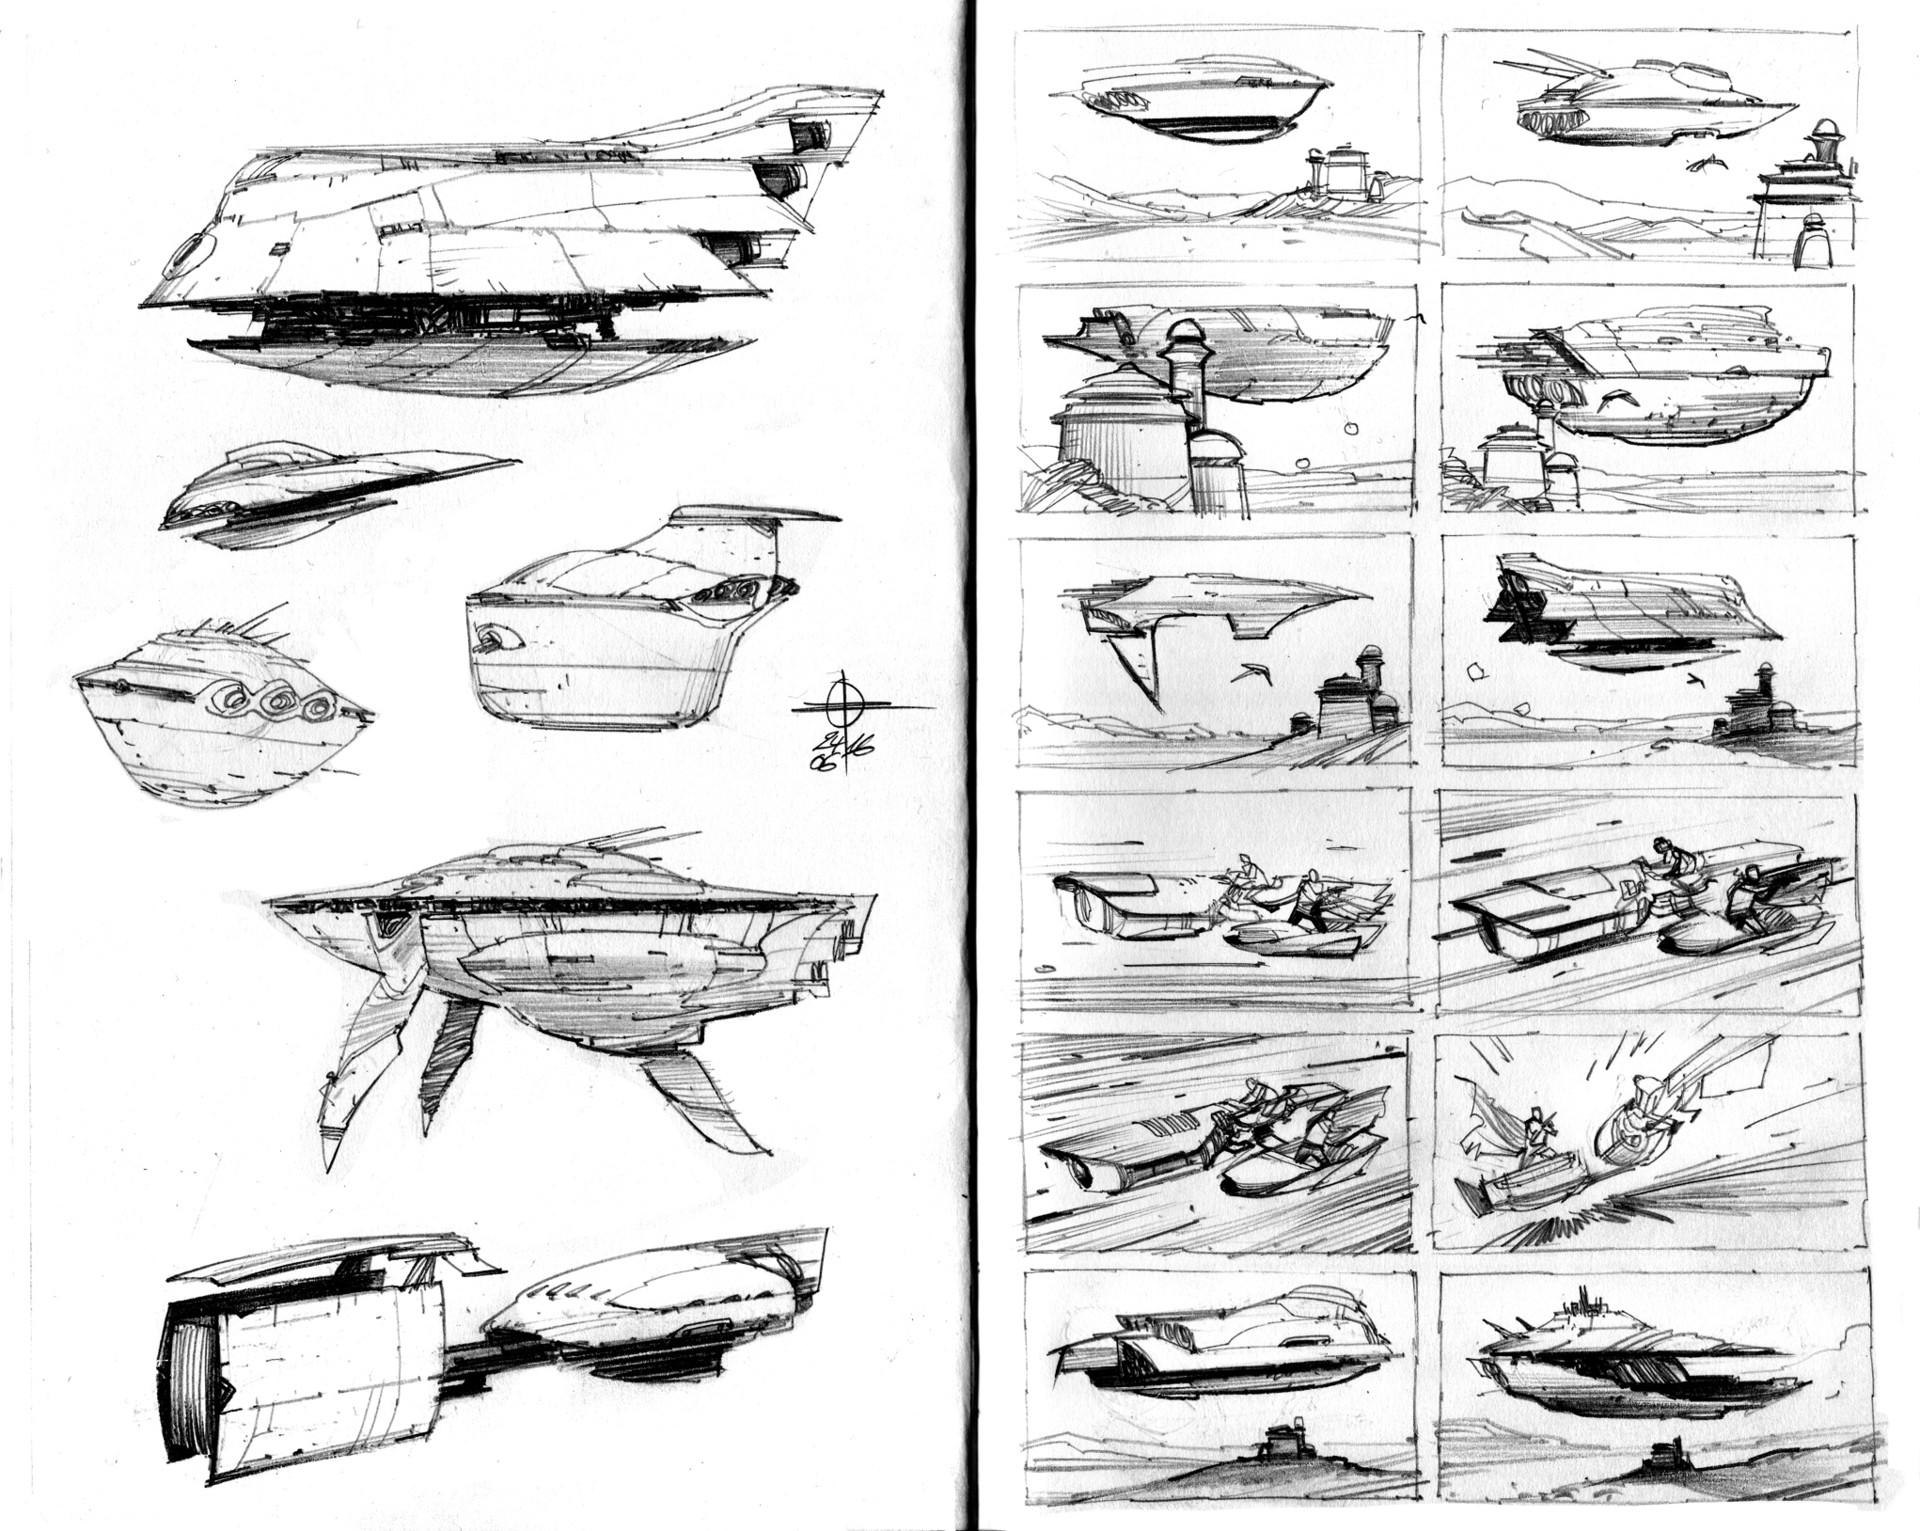 Renaud roche ride sketches06b